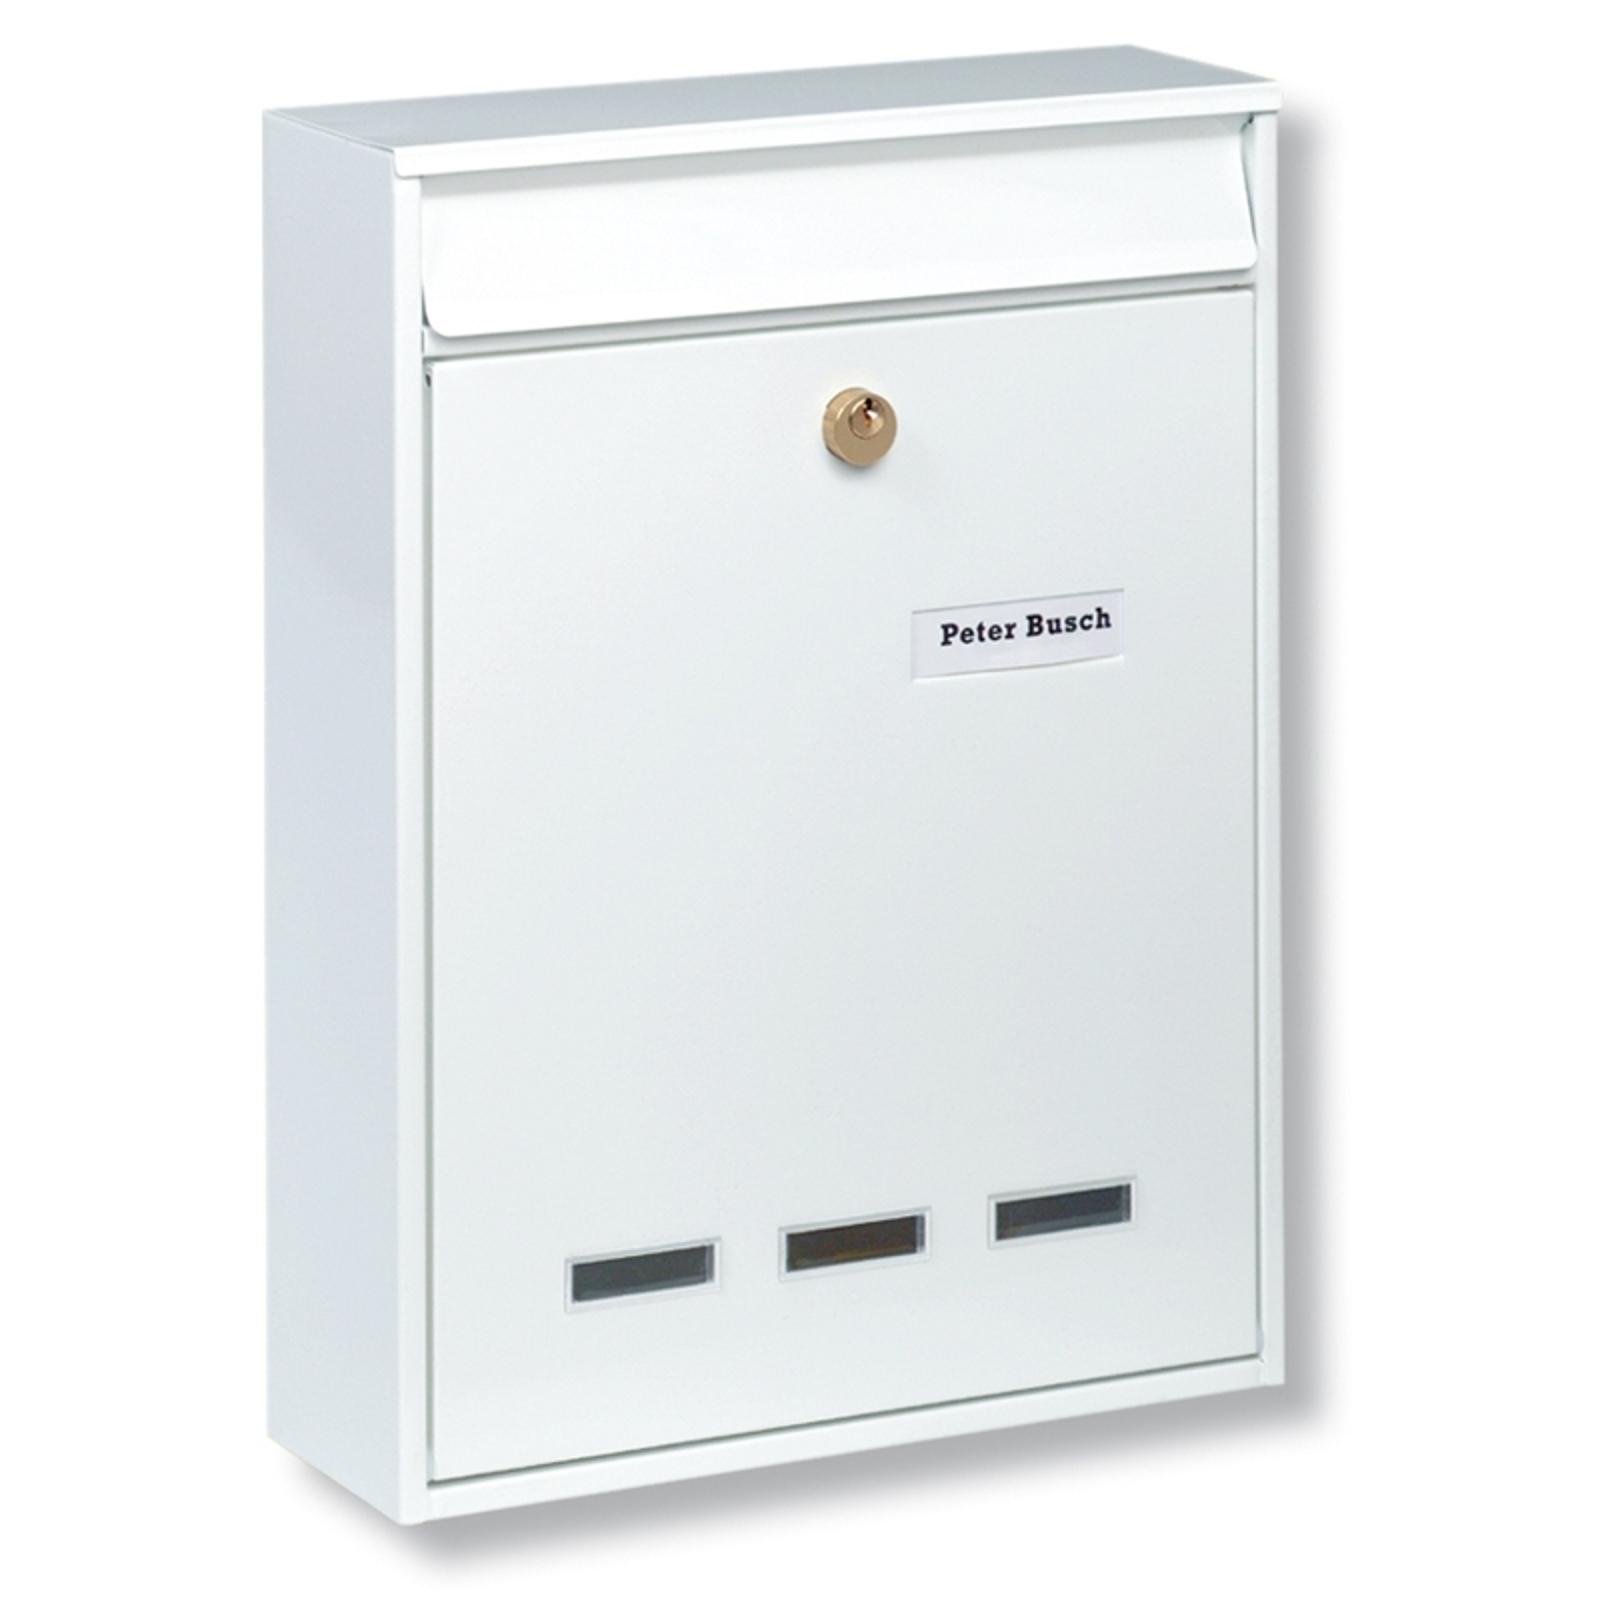 Anlagen-Briefkasten Köln Format DIN A4, weiß